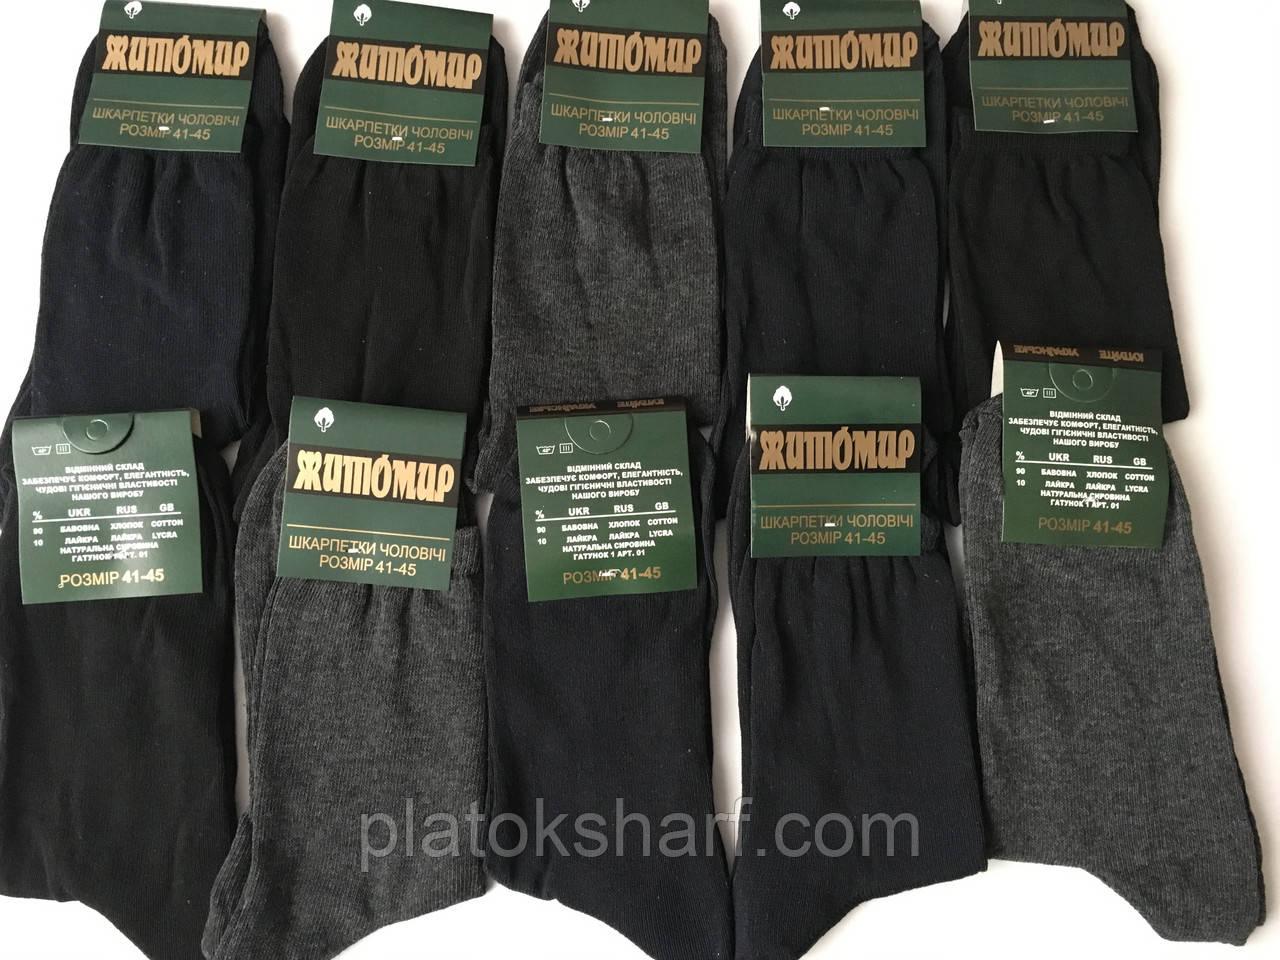 Хлопковые носки для мужчин